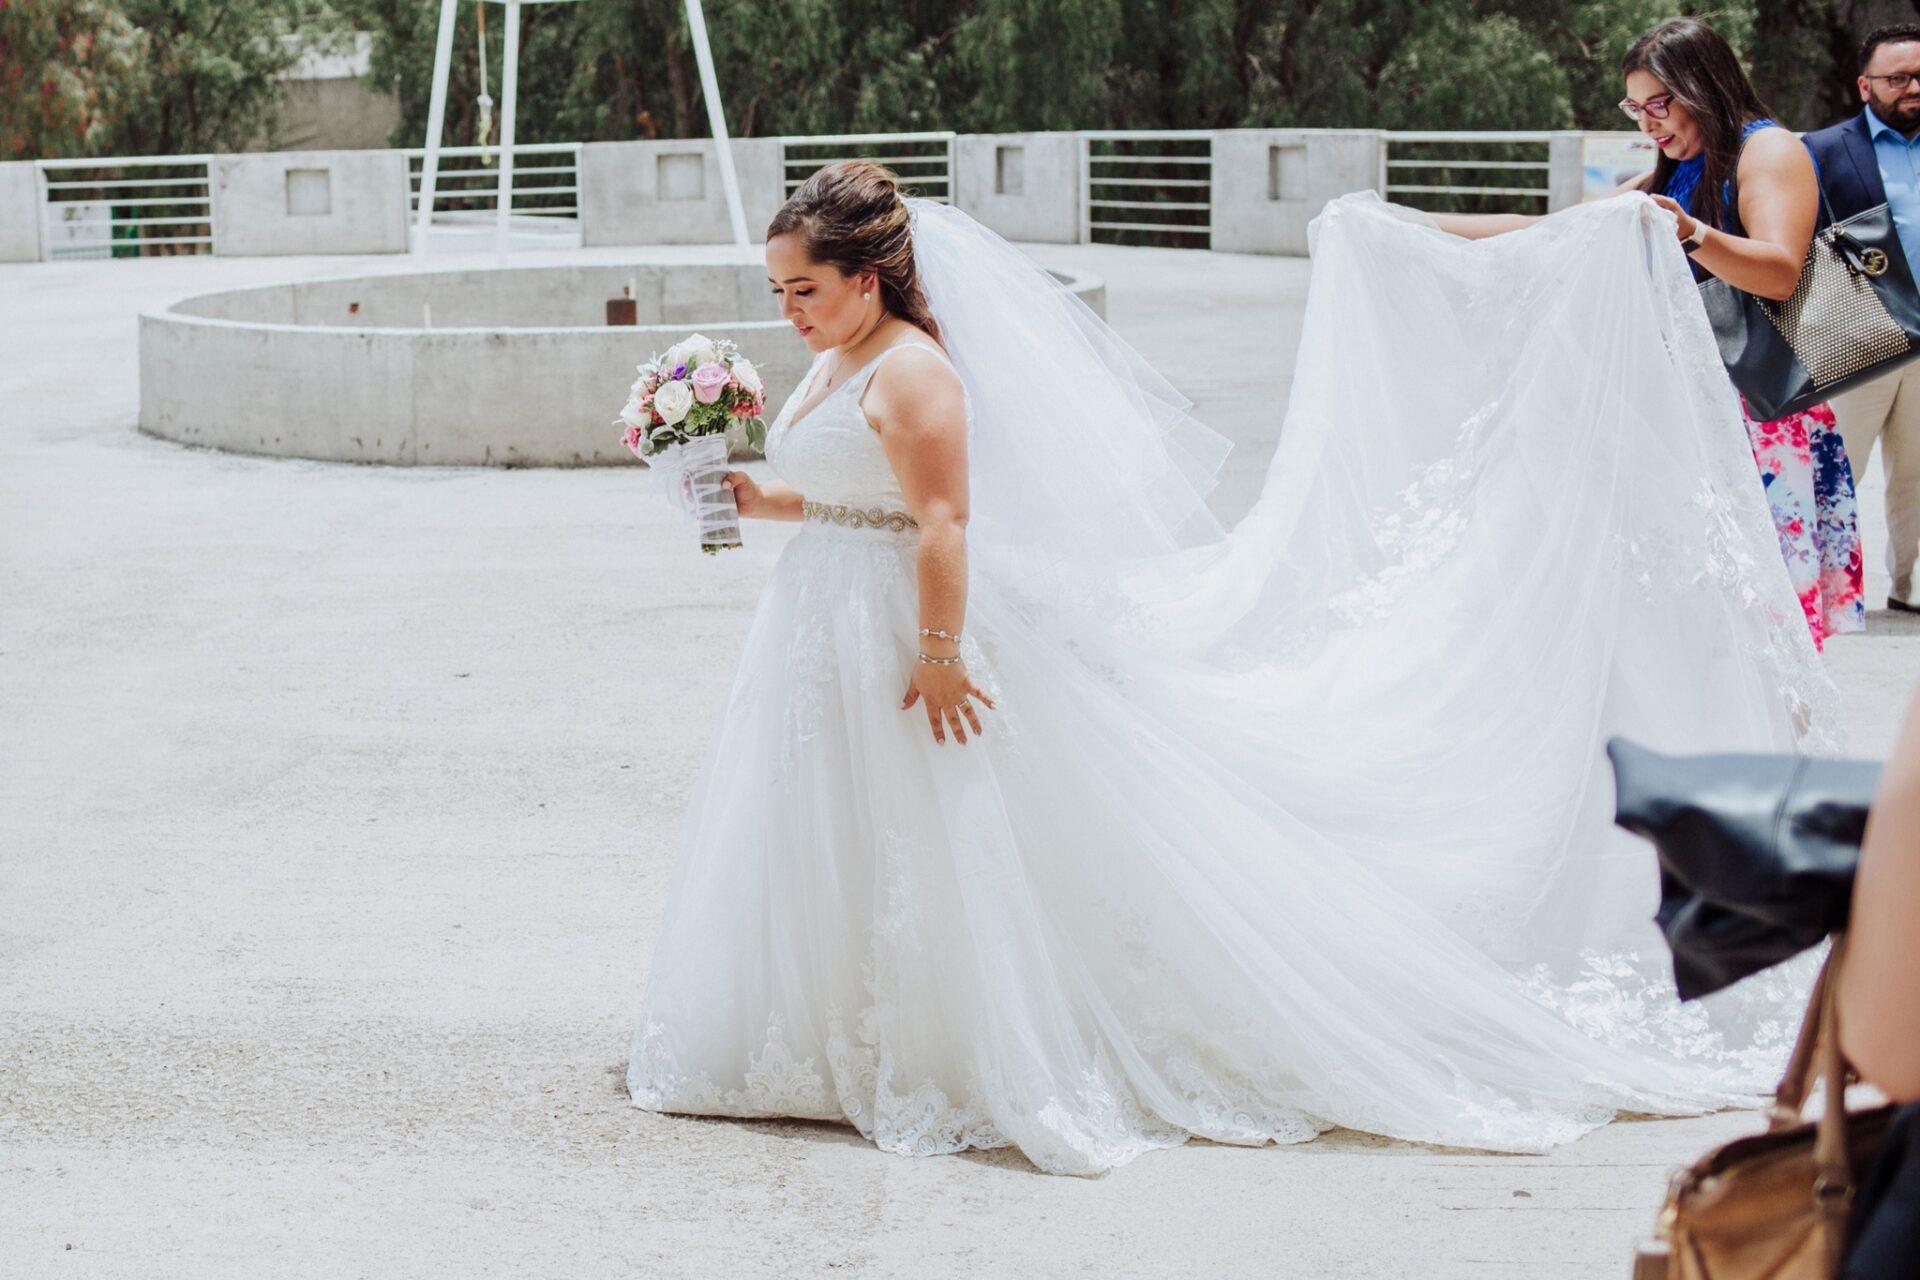 javier_noriega_fotografo_bodas_los_gaviones_zacatecas_wedding_photographer1